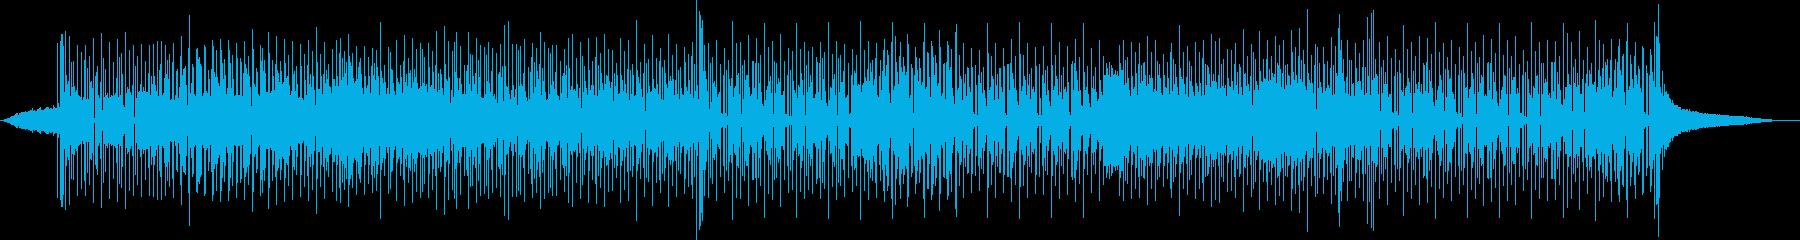 レトロなファンキーディスコの再生済みの波形